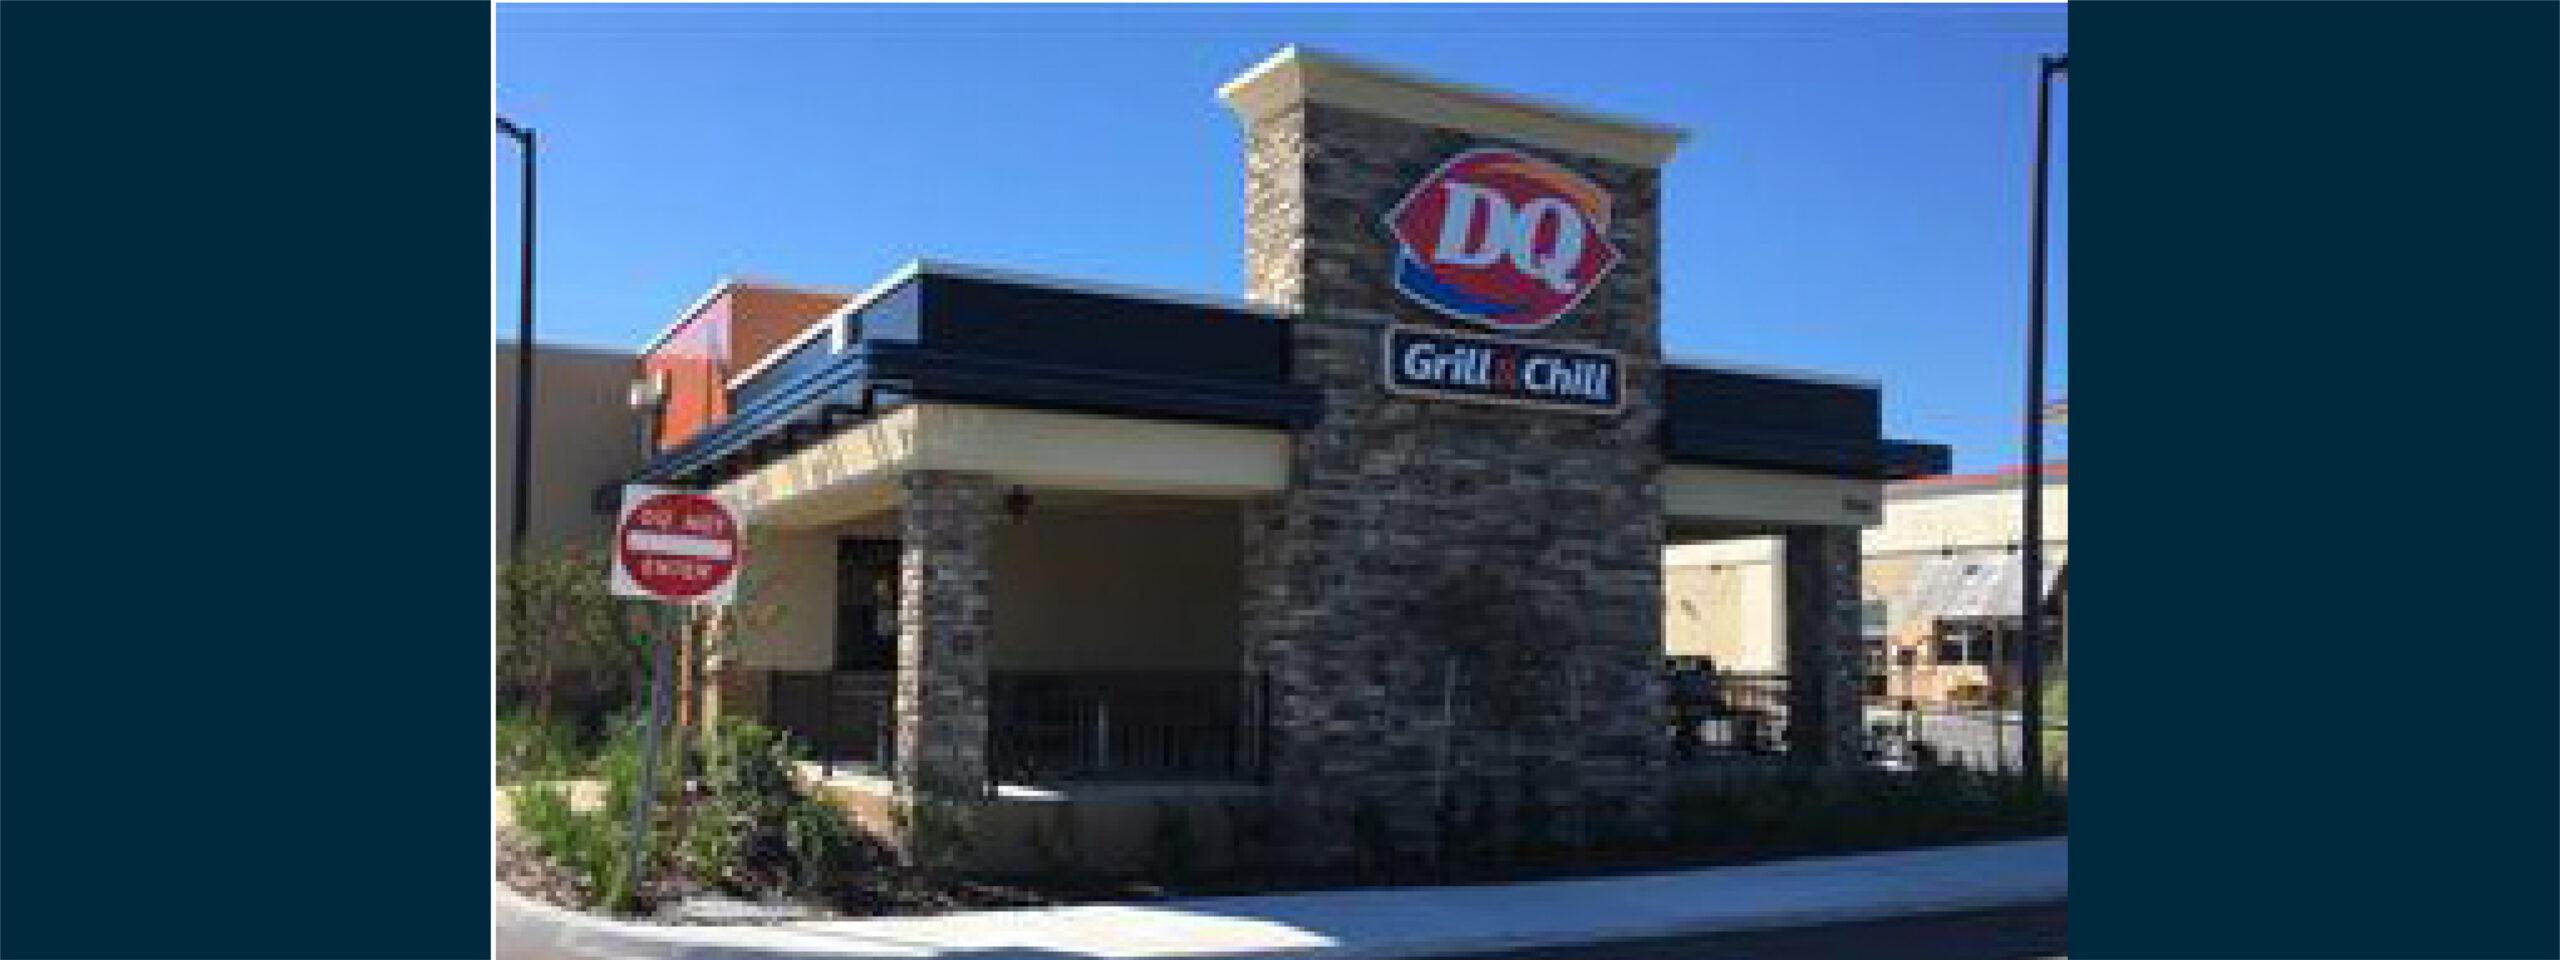 Orlando, FL Fourteen Foods DQ Restaurant